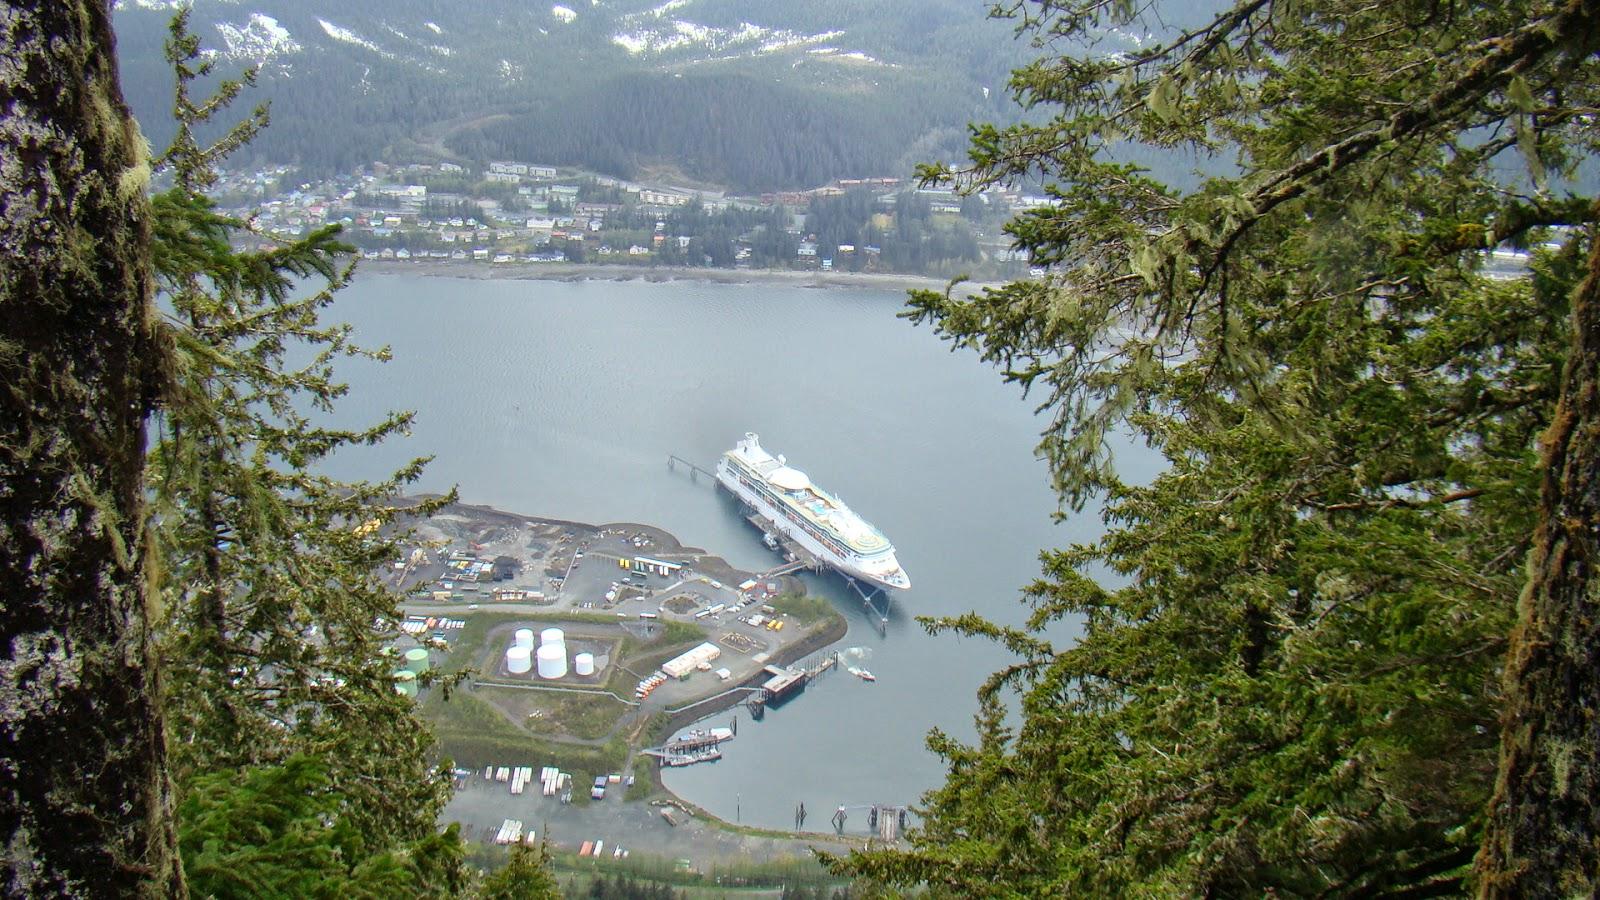 JUNEU ALASKA